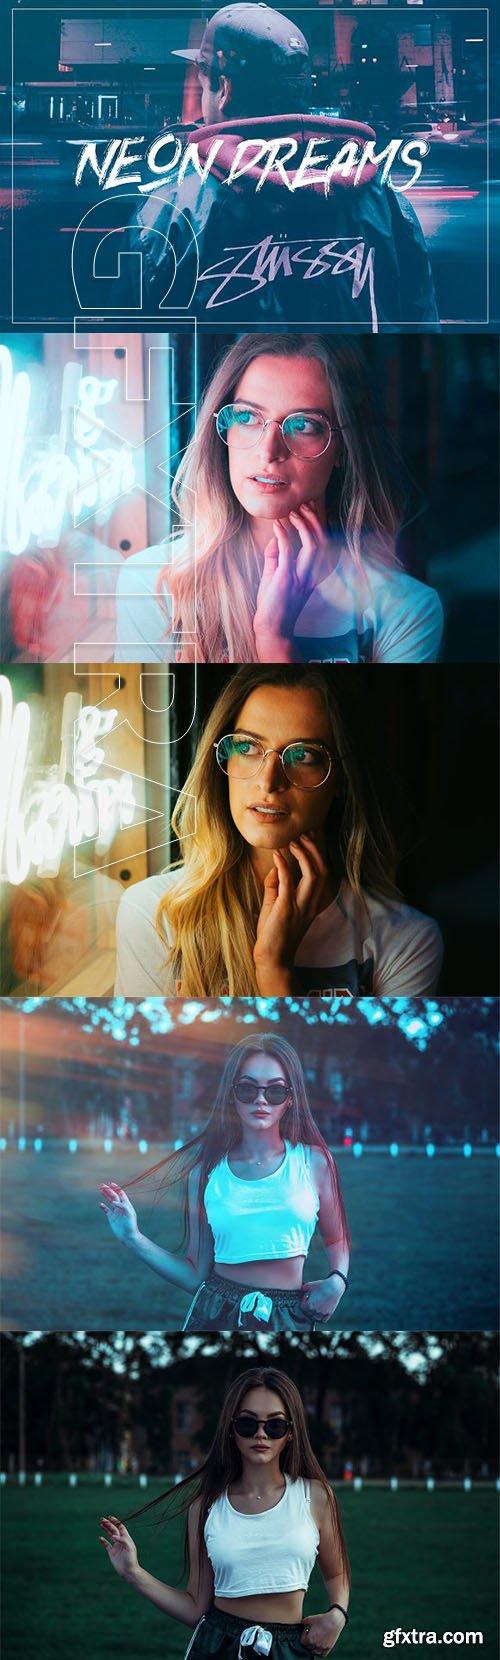 CreativeMarket - Neon Dreams Photoshop Action 3396891